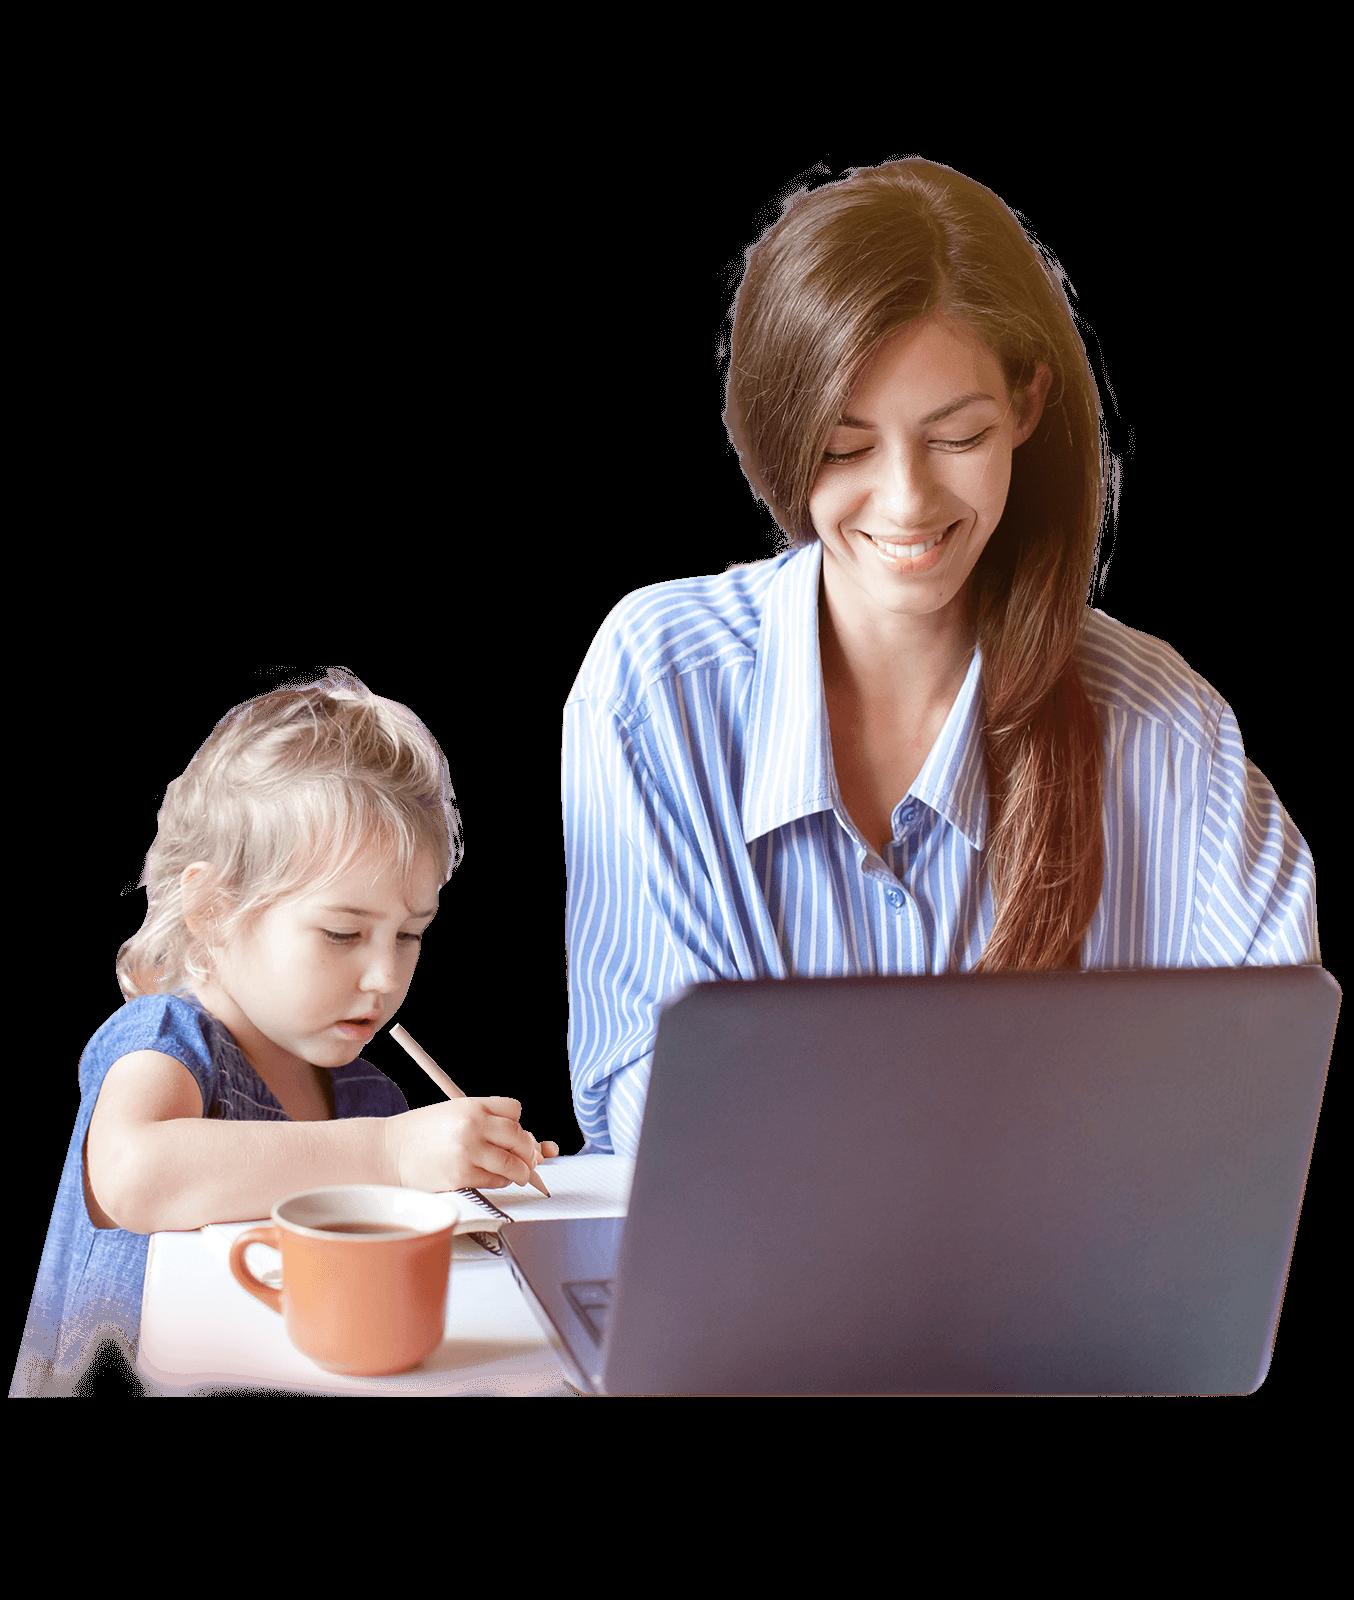 Familyteam Mutter bei der Arbeit mit Kind